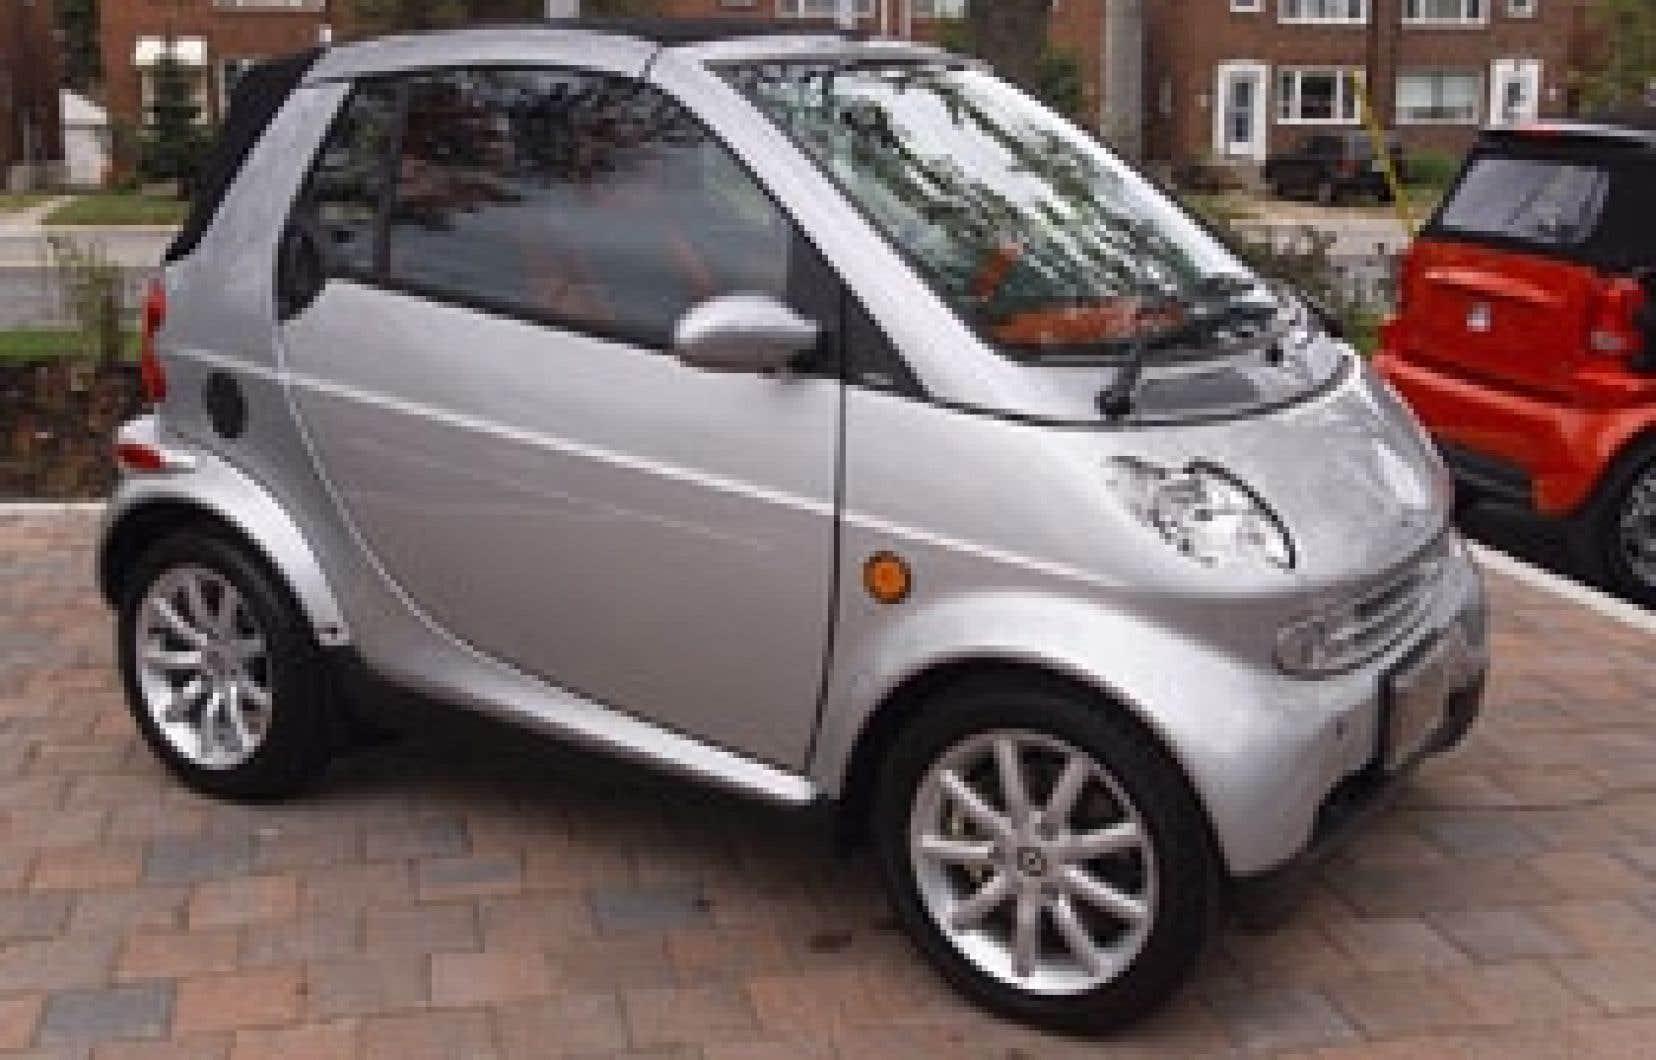 Verra-t-on au cours des prochaines années se multiplier les mini-voitures peu énergivores telles que la Smart?